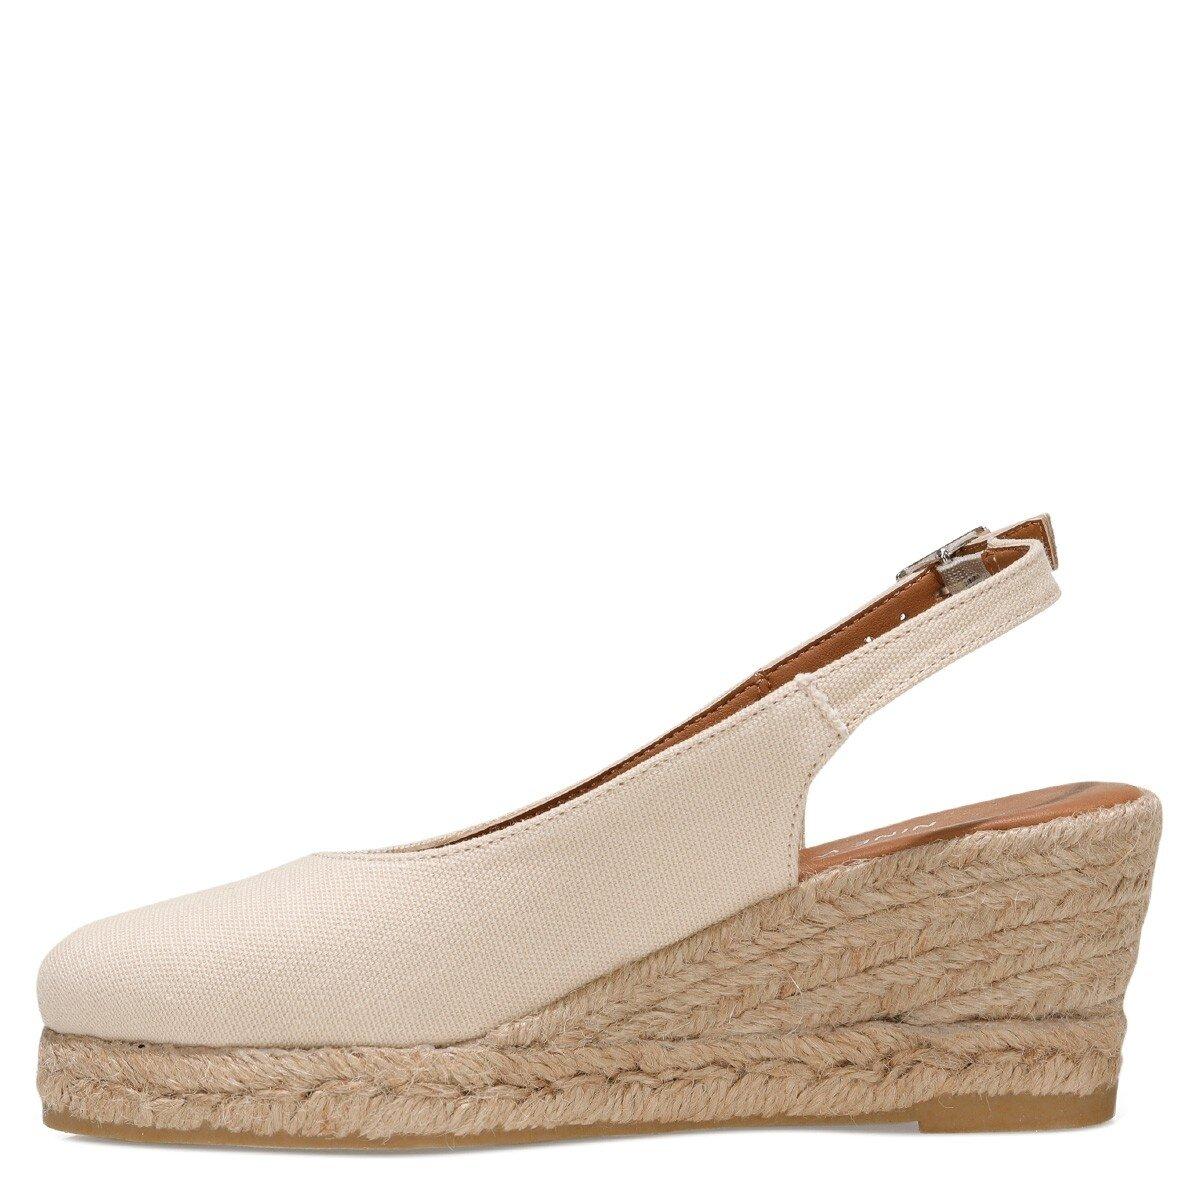 MERWILLA 1FX Bej Kadın Dolgu Topuk Sandalet